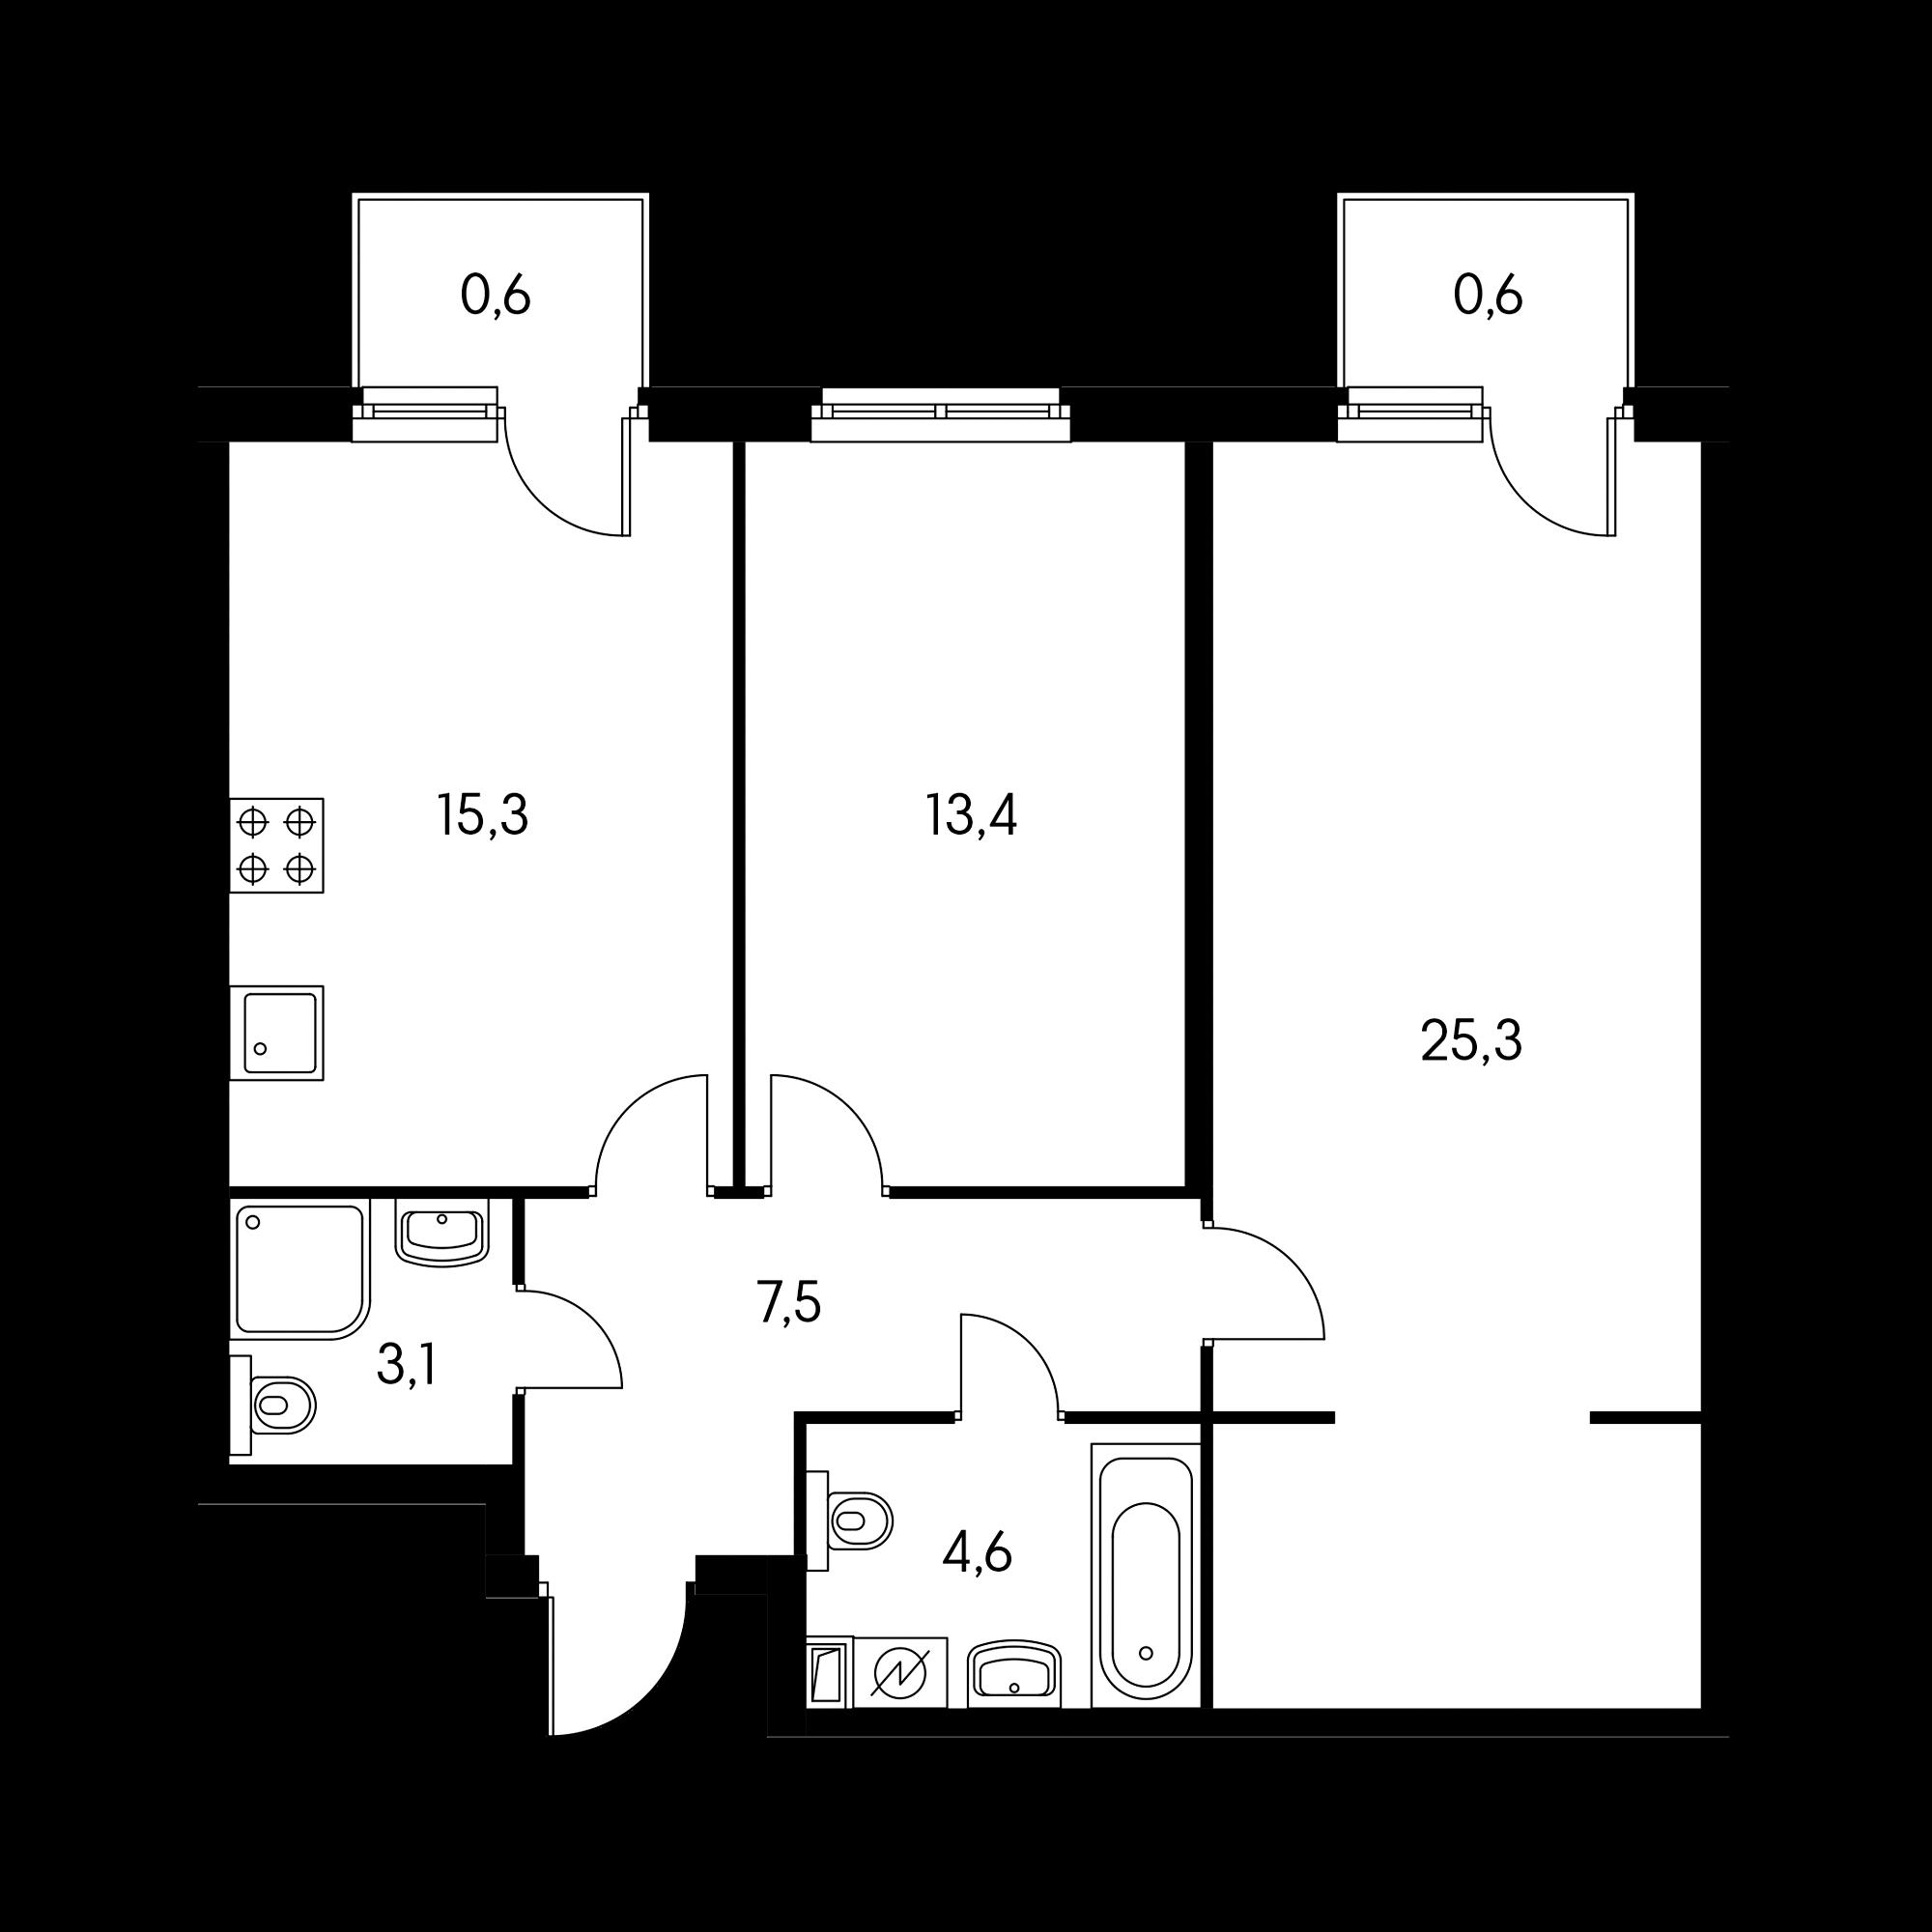 2KL4-B2